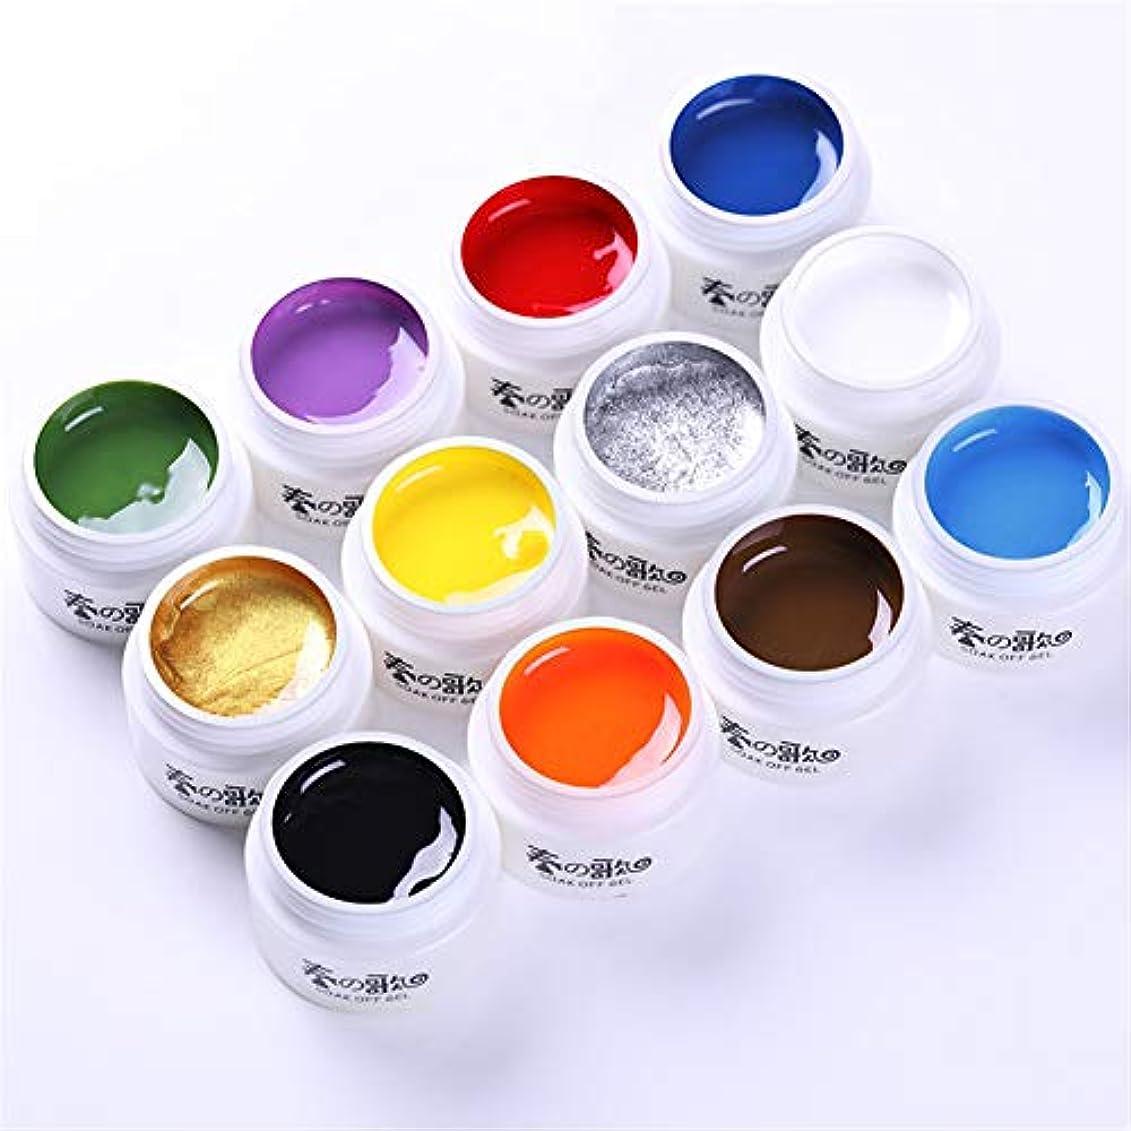 春の歌 アート専用のカラージェル ライナージェル ものすごく色が濃いカラージェル ラインを引くためのジェル、アクリル絵の具よりも柔らかく使いやすいジェル LED/UV両方対応 [並行輸入品]